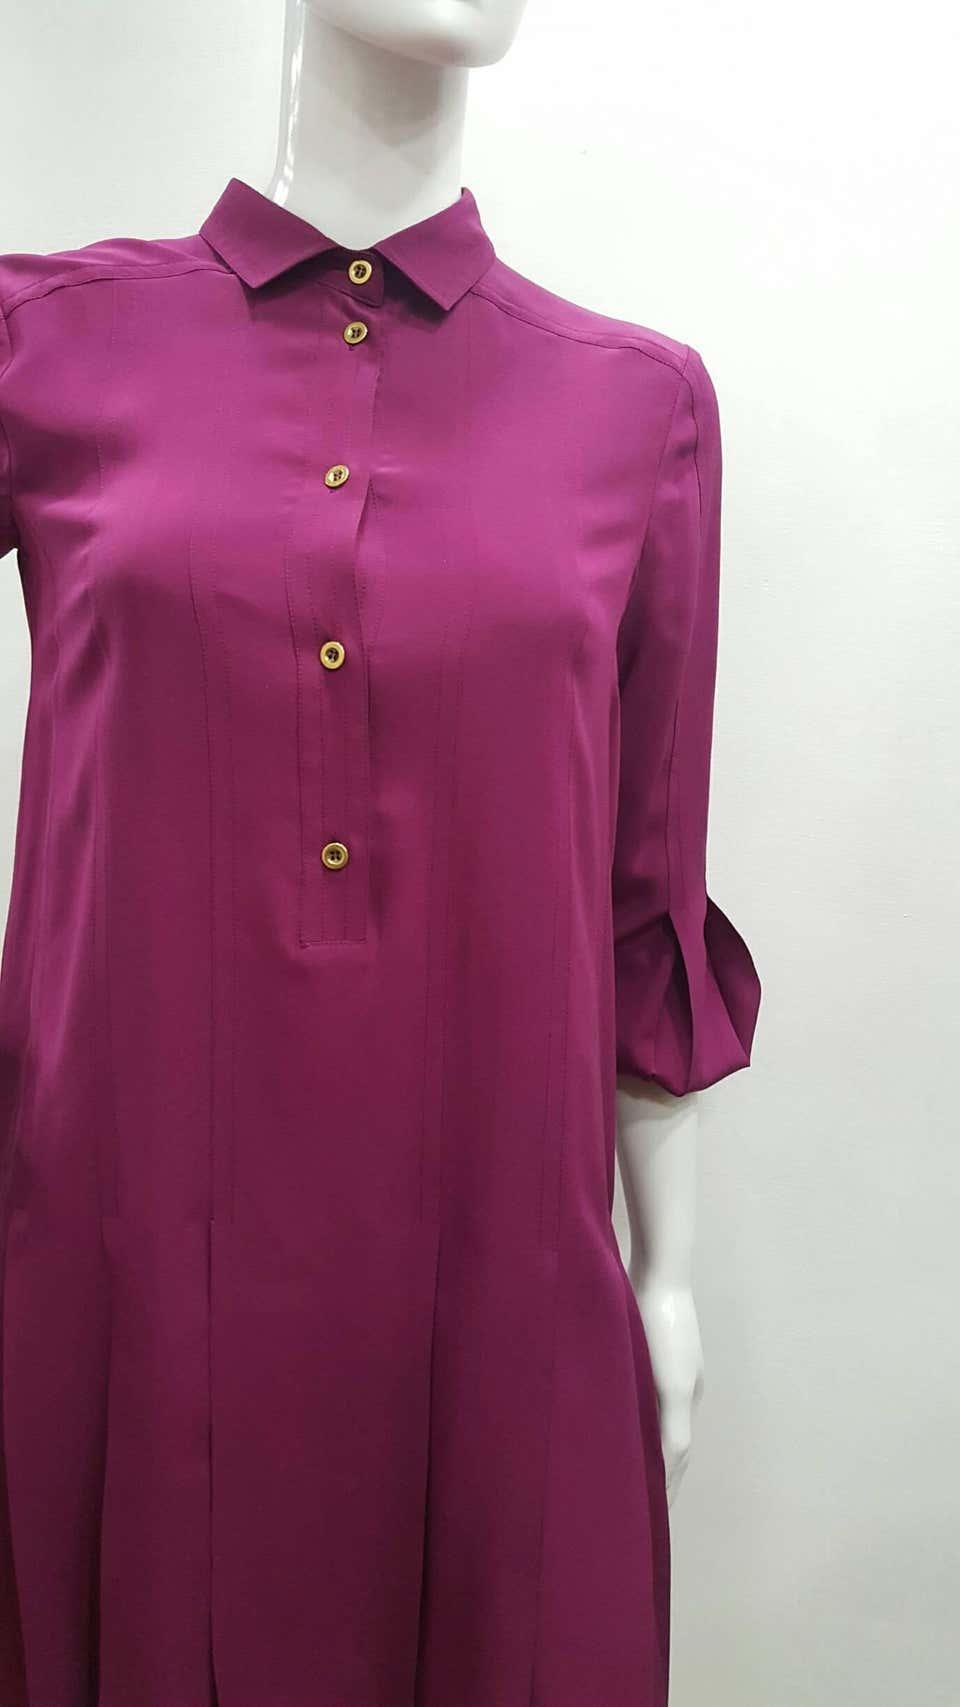 1980s Gucci Purple Dress by Alessandra Facchinetti  Gucci | Dresses | EB01A0180EXVIOLA